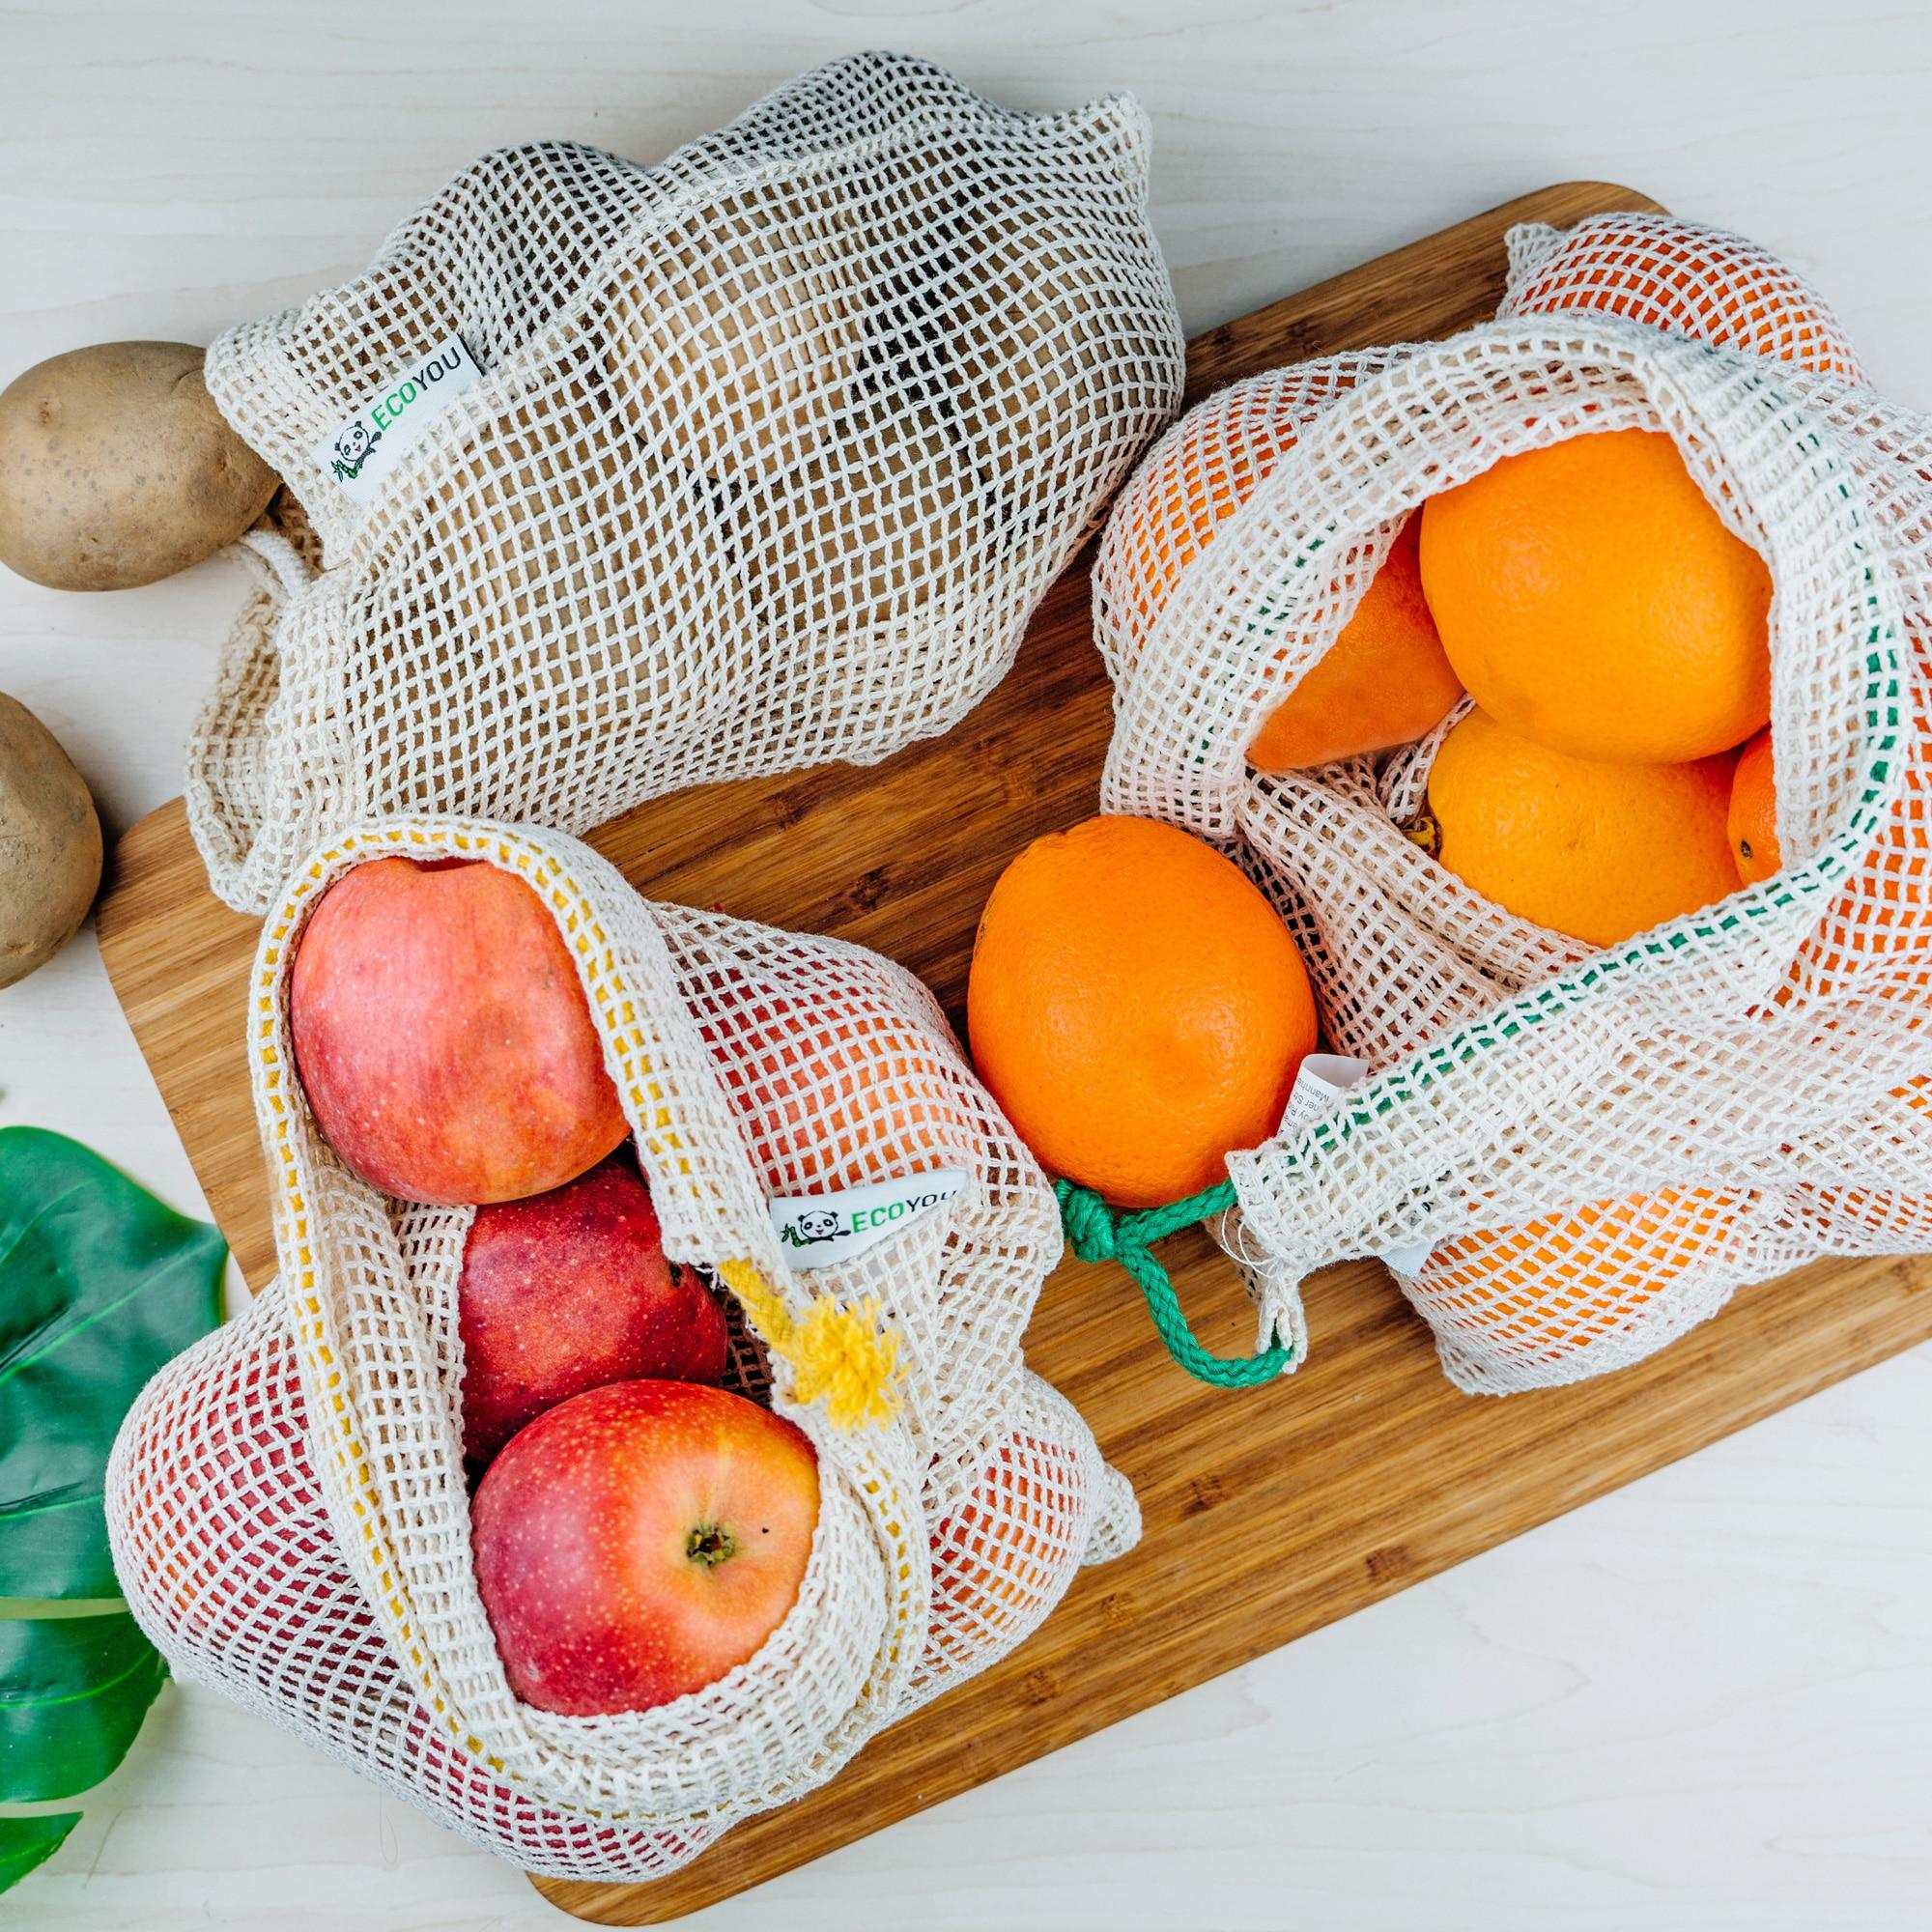 Wiederverwendbare Obstbeutel Gemüsebeutel Nachhaltig und Plastikfrei Einkaufen Leben ohne Plastik EcoYou